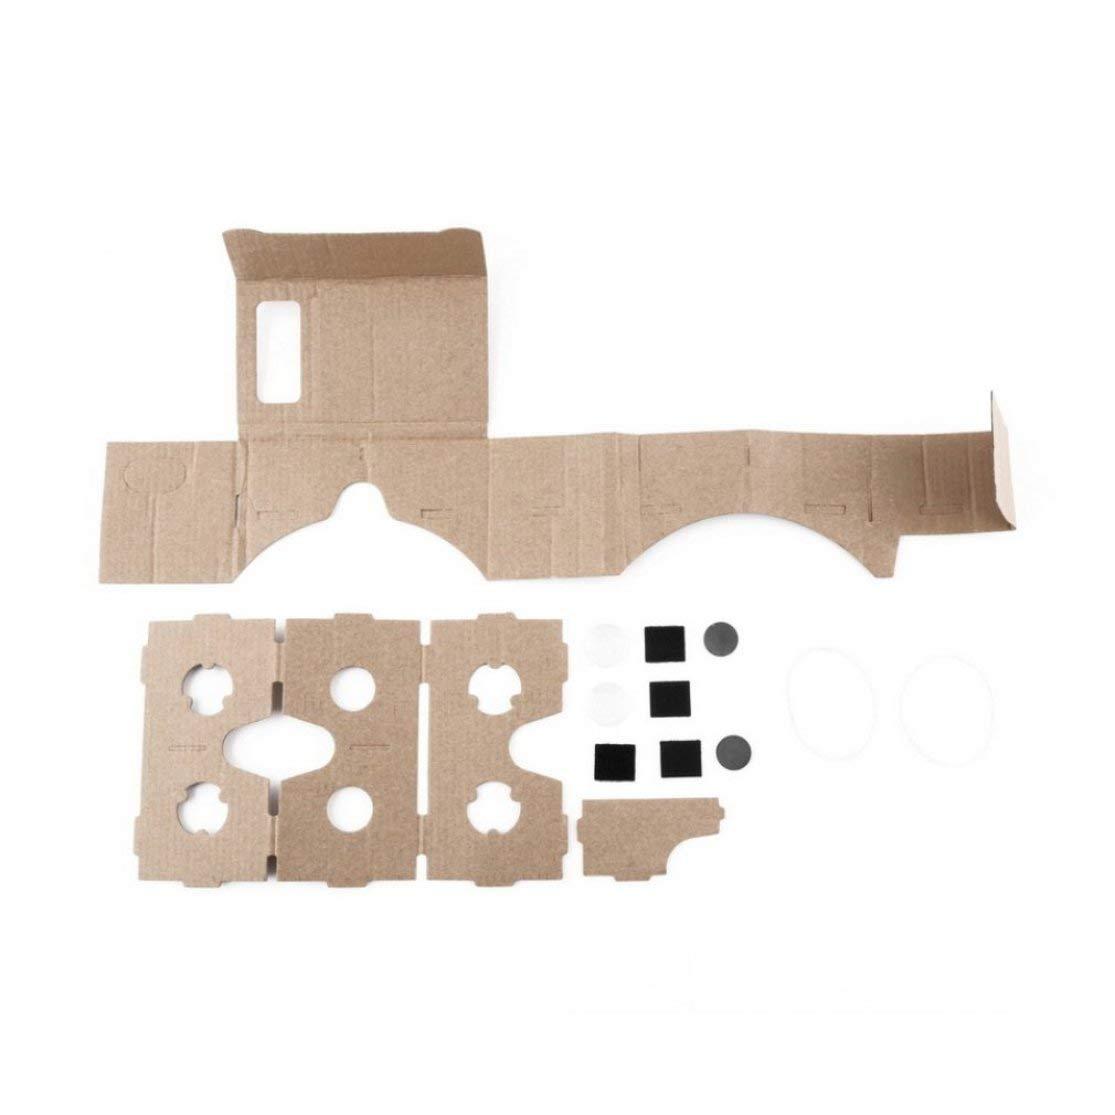 LouiseEvel215-Ulter-Effacer-DIY-Carton-3D-VR-Lunettes-De-Ralit-Virtuelle-pour-Smartphone-Haute-qualit-DIY-Aimant-Google-Cartons-Lunettes